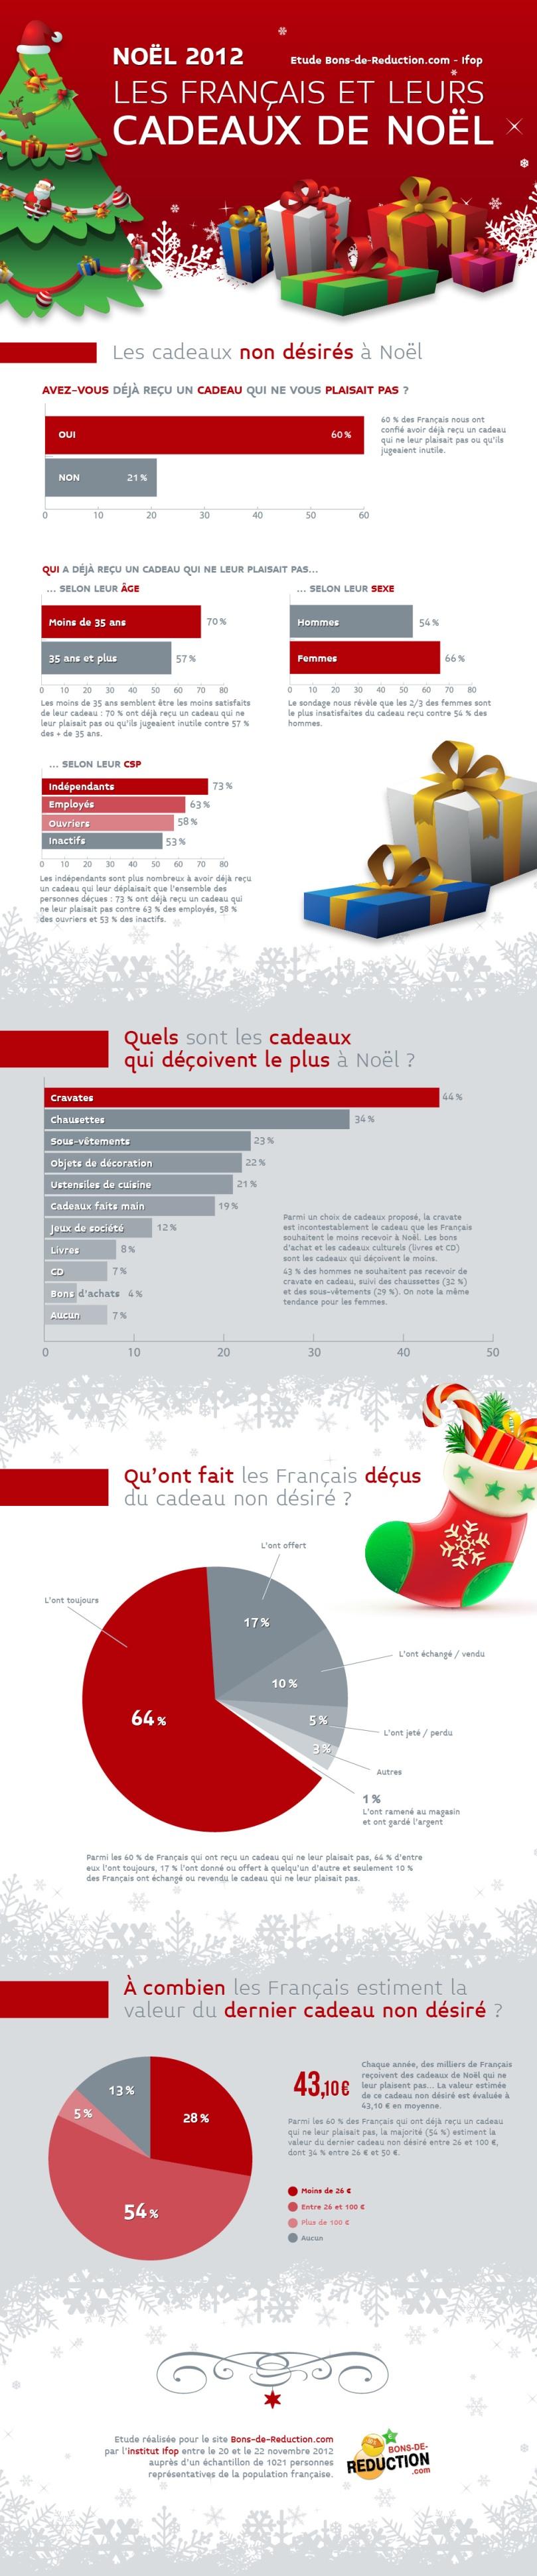 infographie-Cadeaux